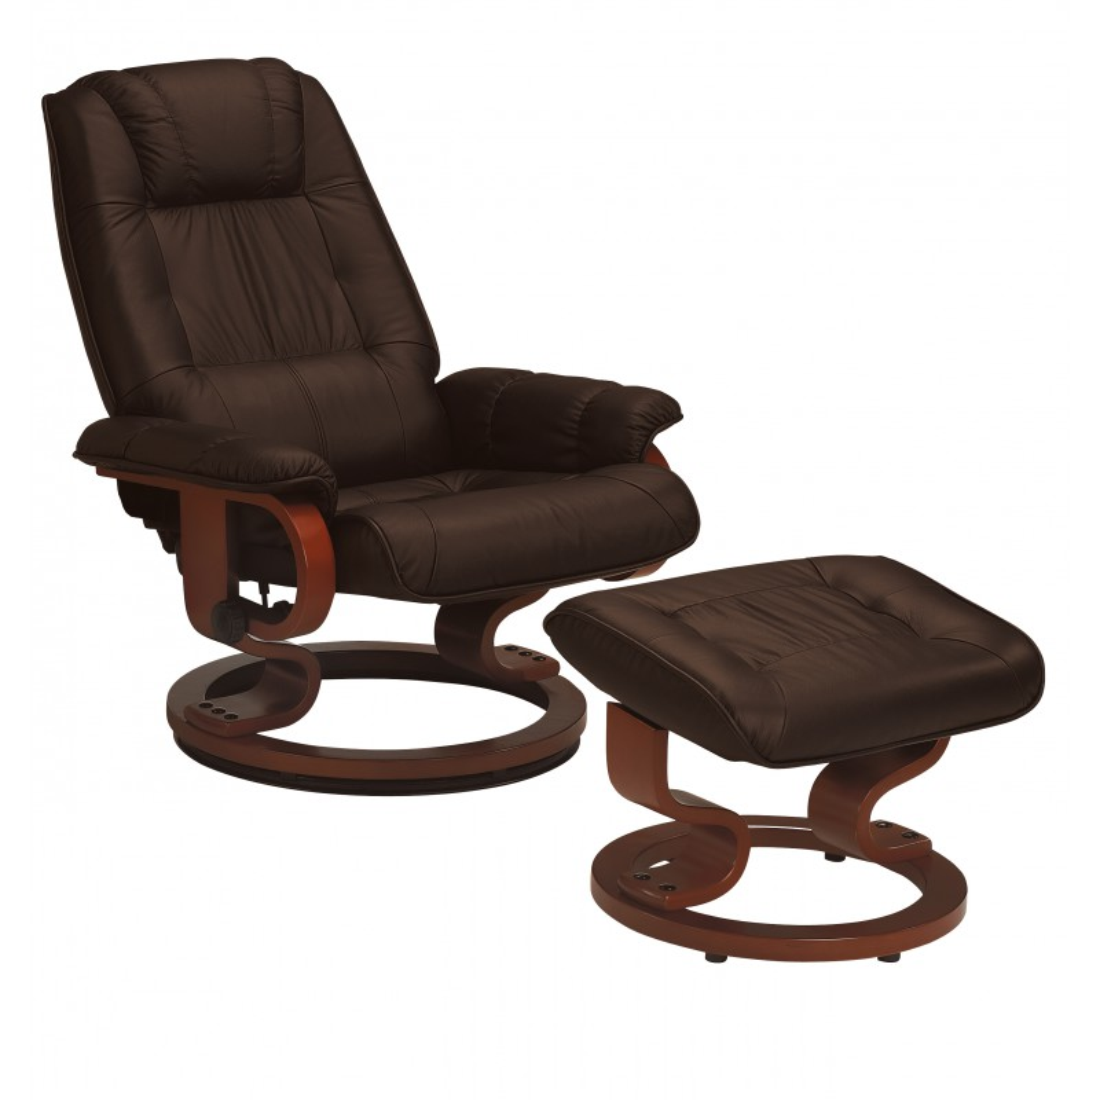 Fauteuil de relaxation cuir moka univers du salon - Fauteuil de relaxation ...